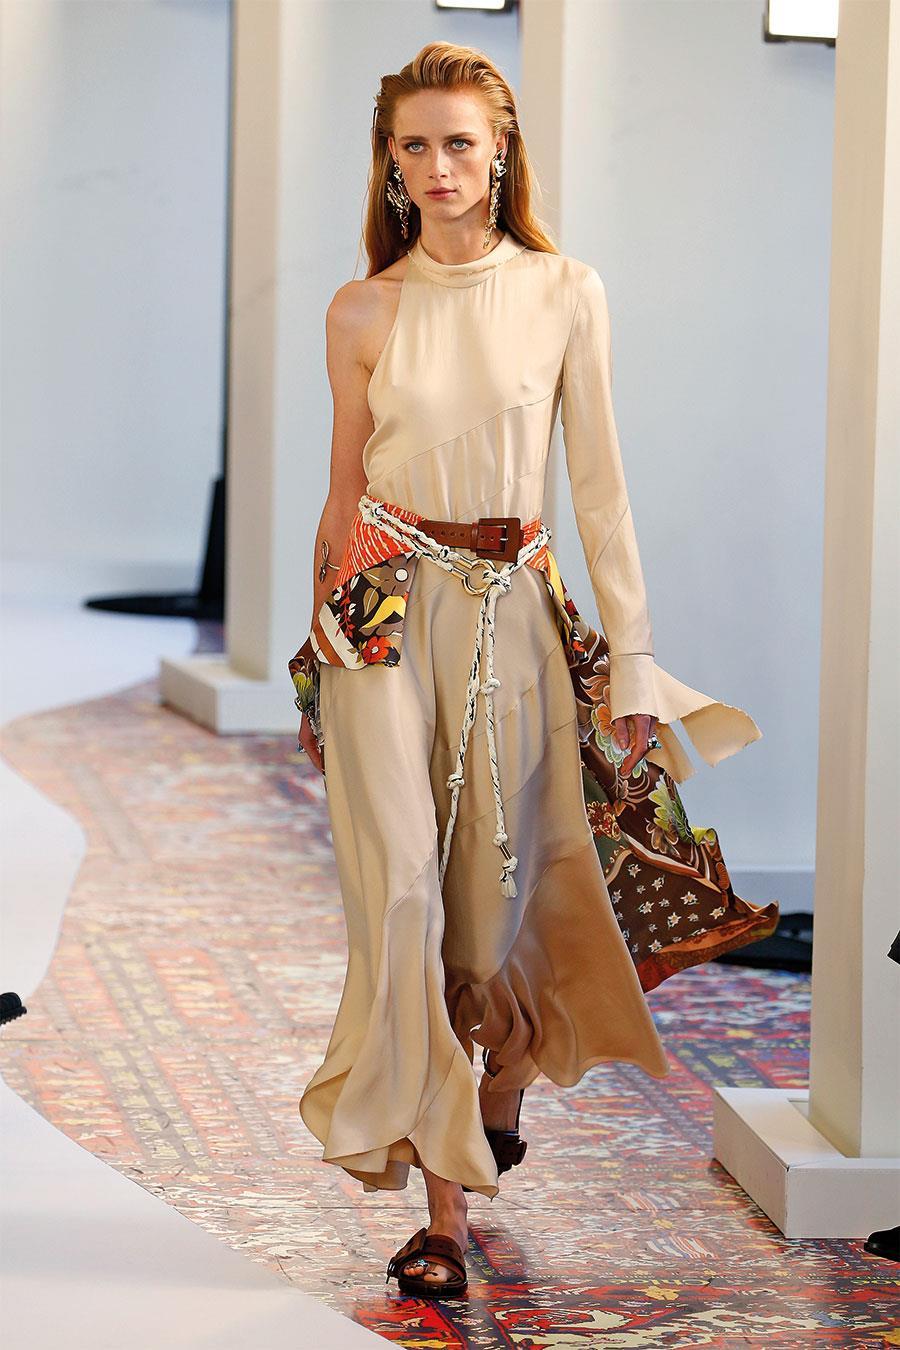 nuevo estilo de guapo envío gratis Moda primavera verano 2019 mujer: ropa años 80, ropa casual ...